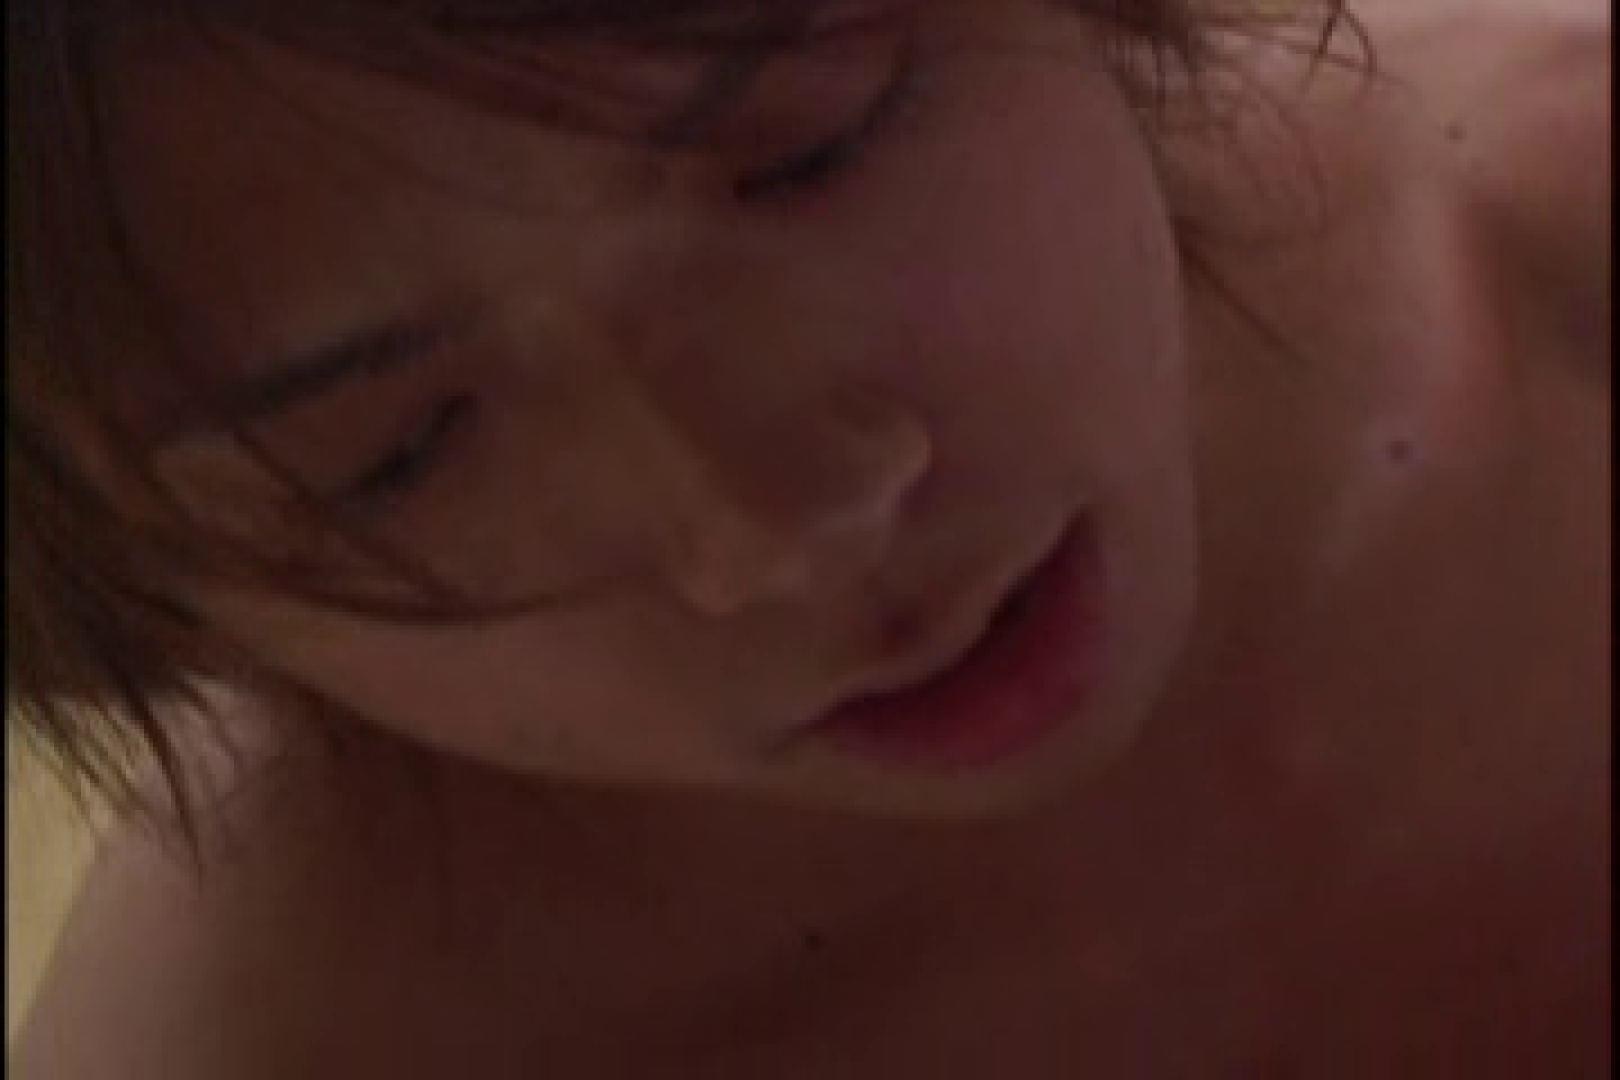 BEST OF イケメン!!男目線のガチSEX vol.02(対女性作品) 男・男 ゲイエロ動画 68pic 62